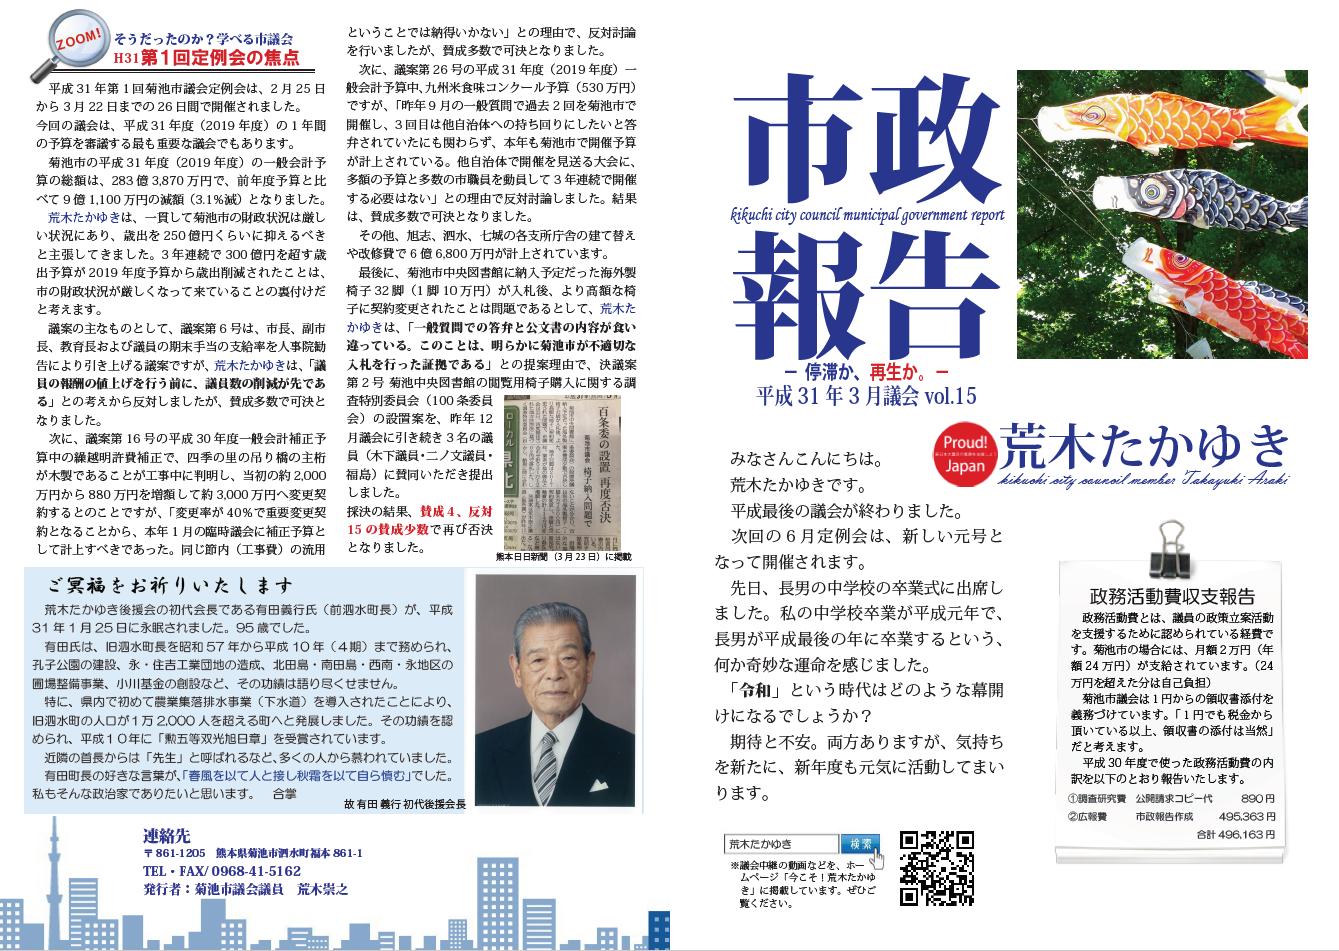 市政報告vol15-1